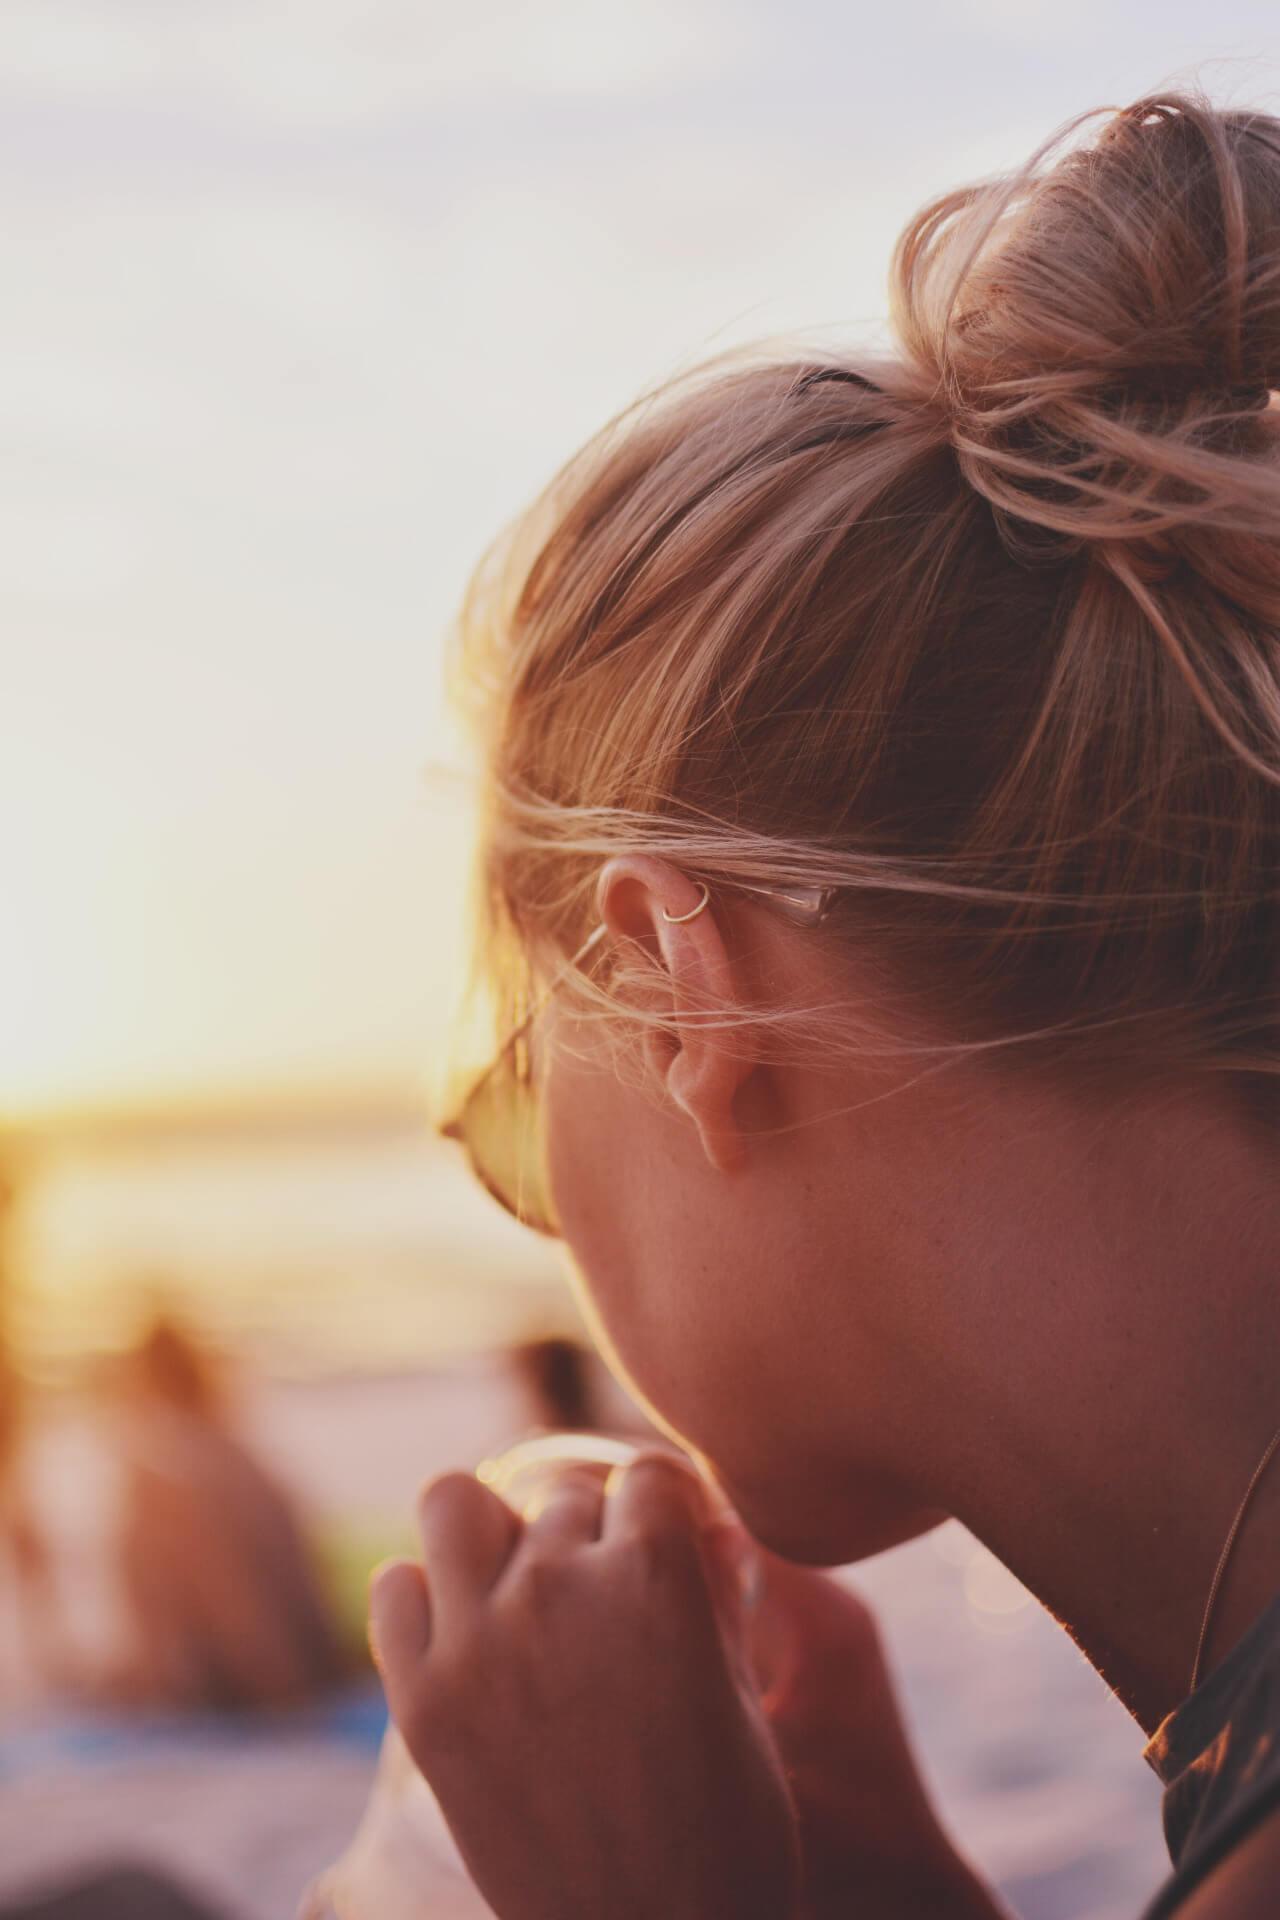 Фото девушек без лица со светлыми волосами сборка 20 фото (9)